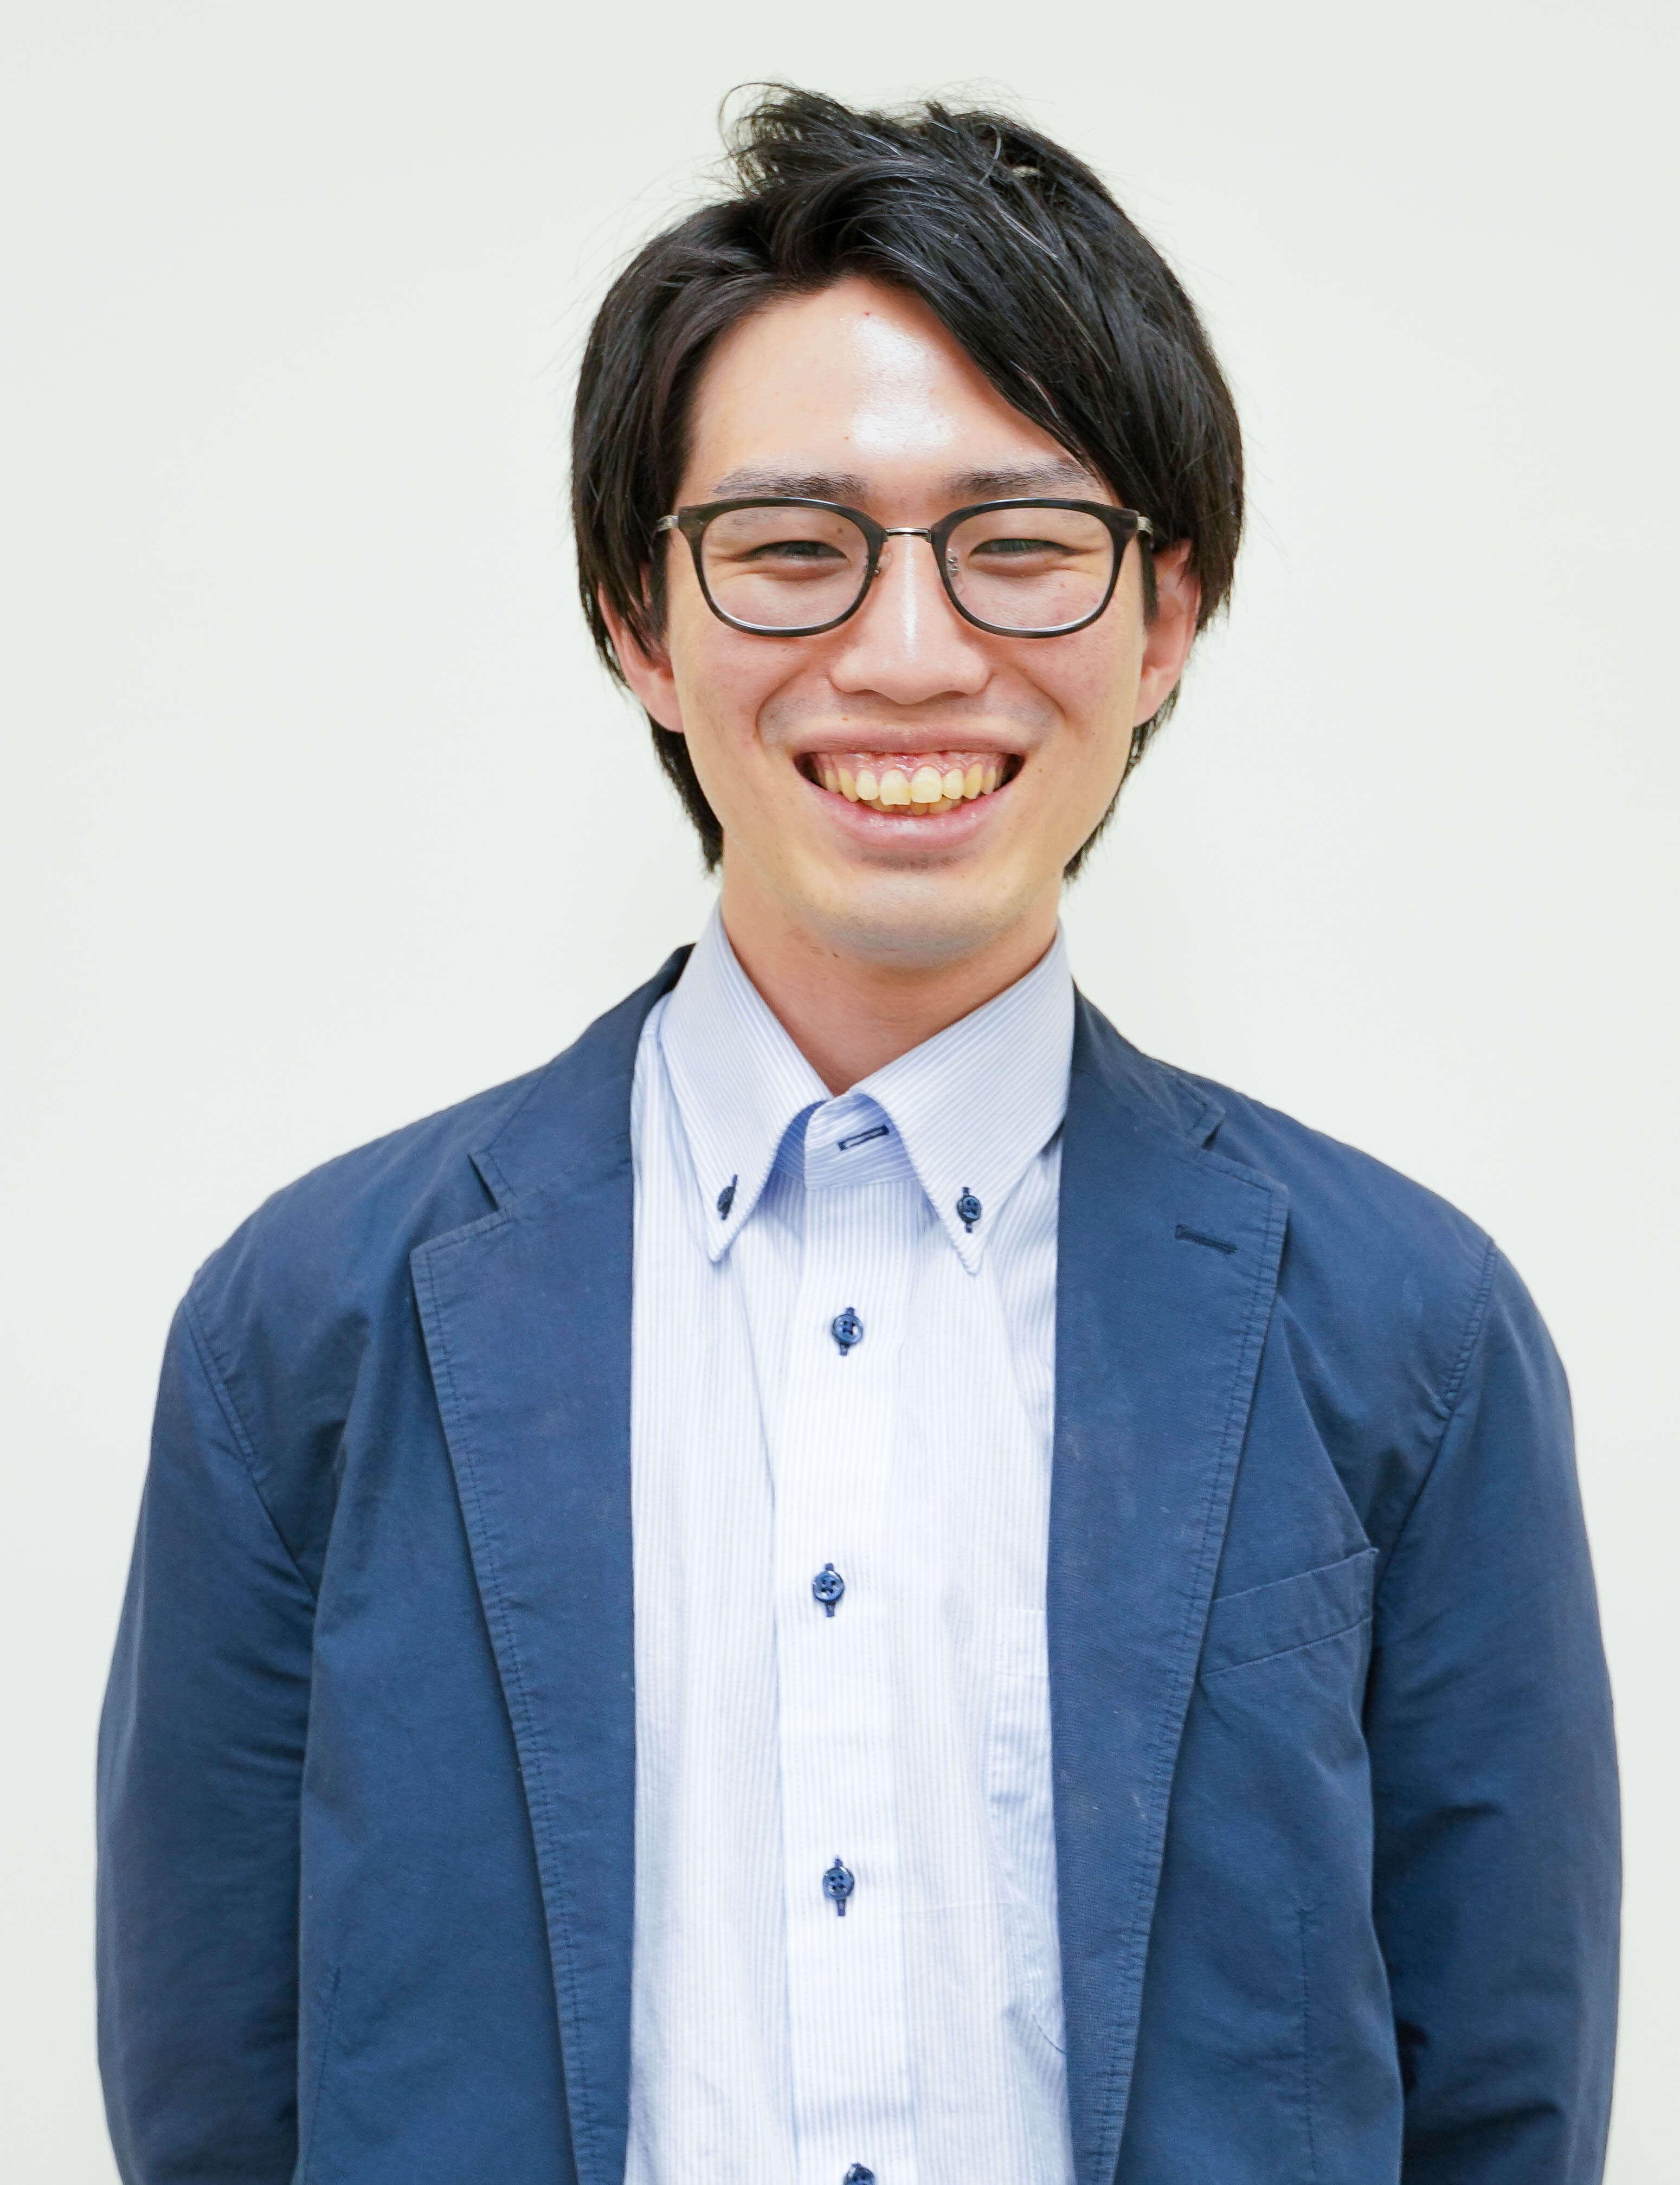 竹谷 遼平<br>TAKETANI RYOHEI